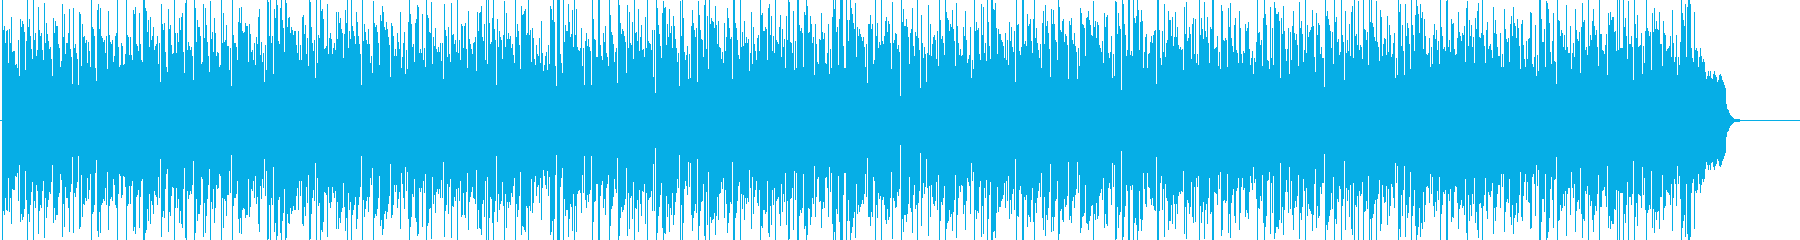 ジャズテイストのボザノバBGMの再生済みの波形